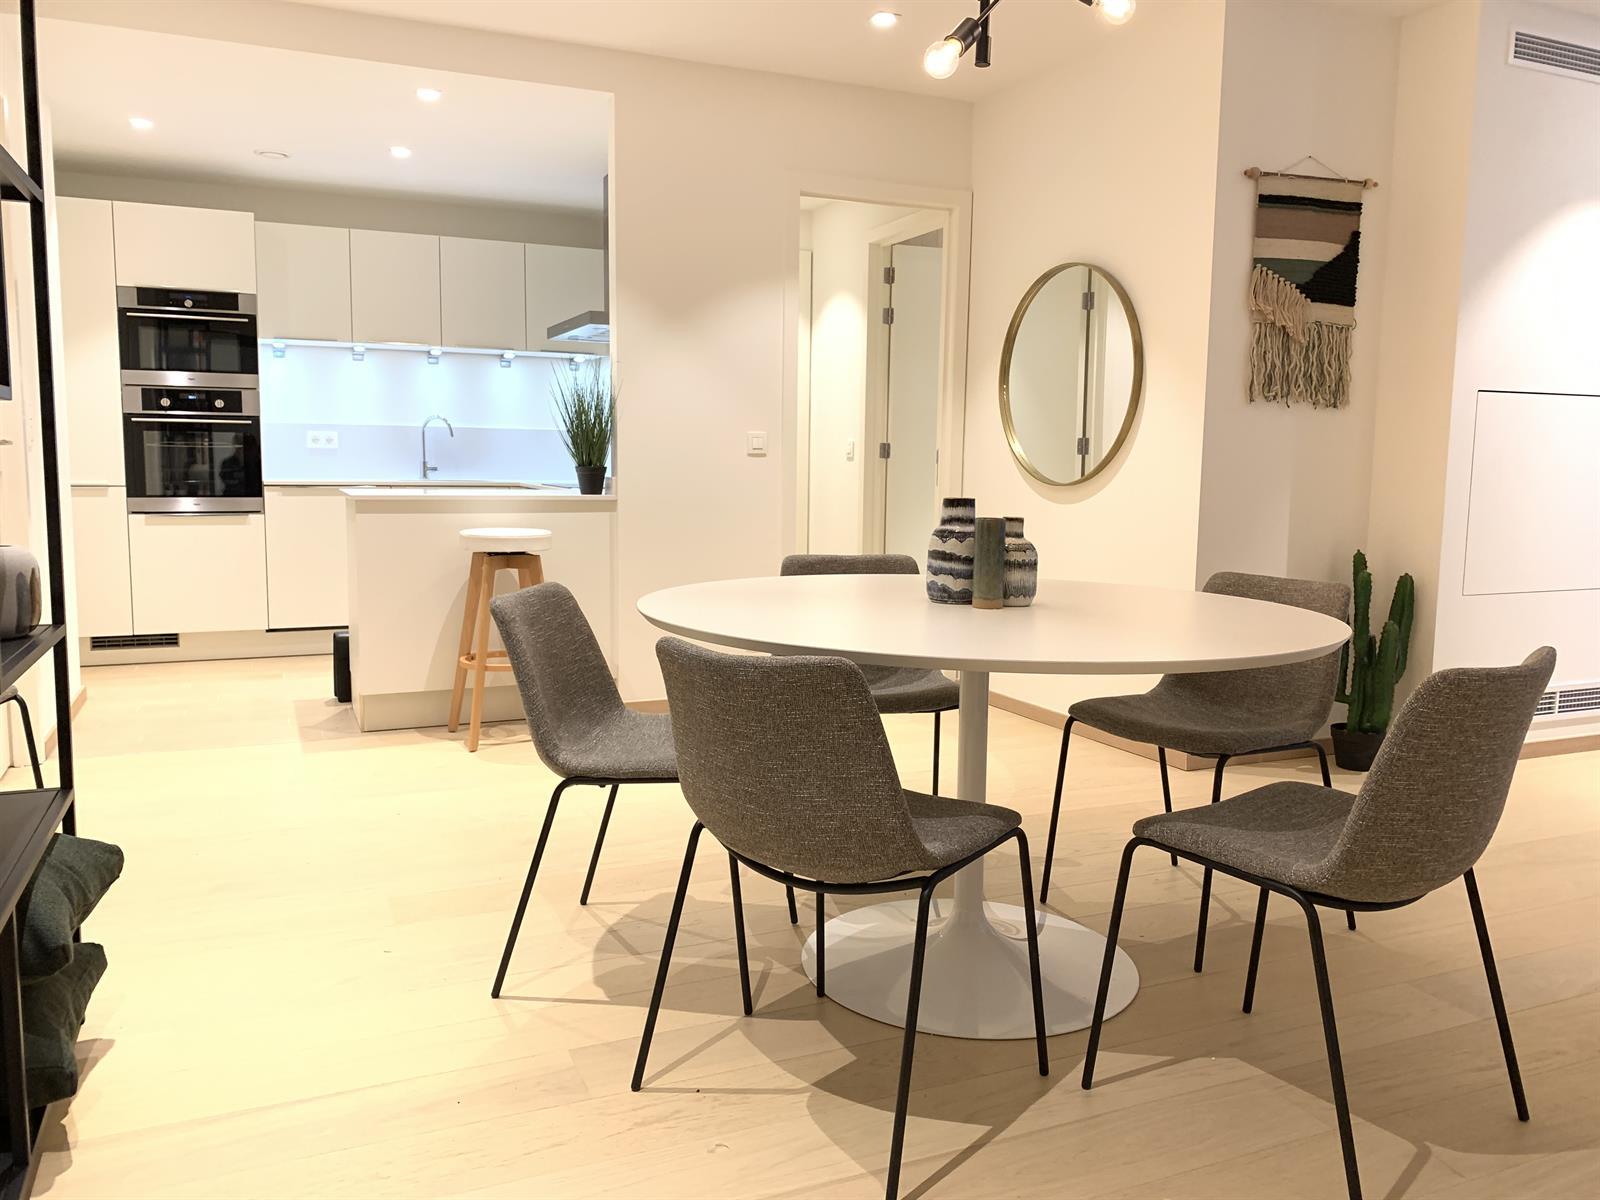 Appartement exceptionnel - Ixelles - #3918742-2